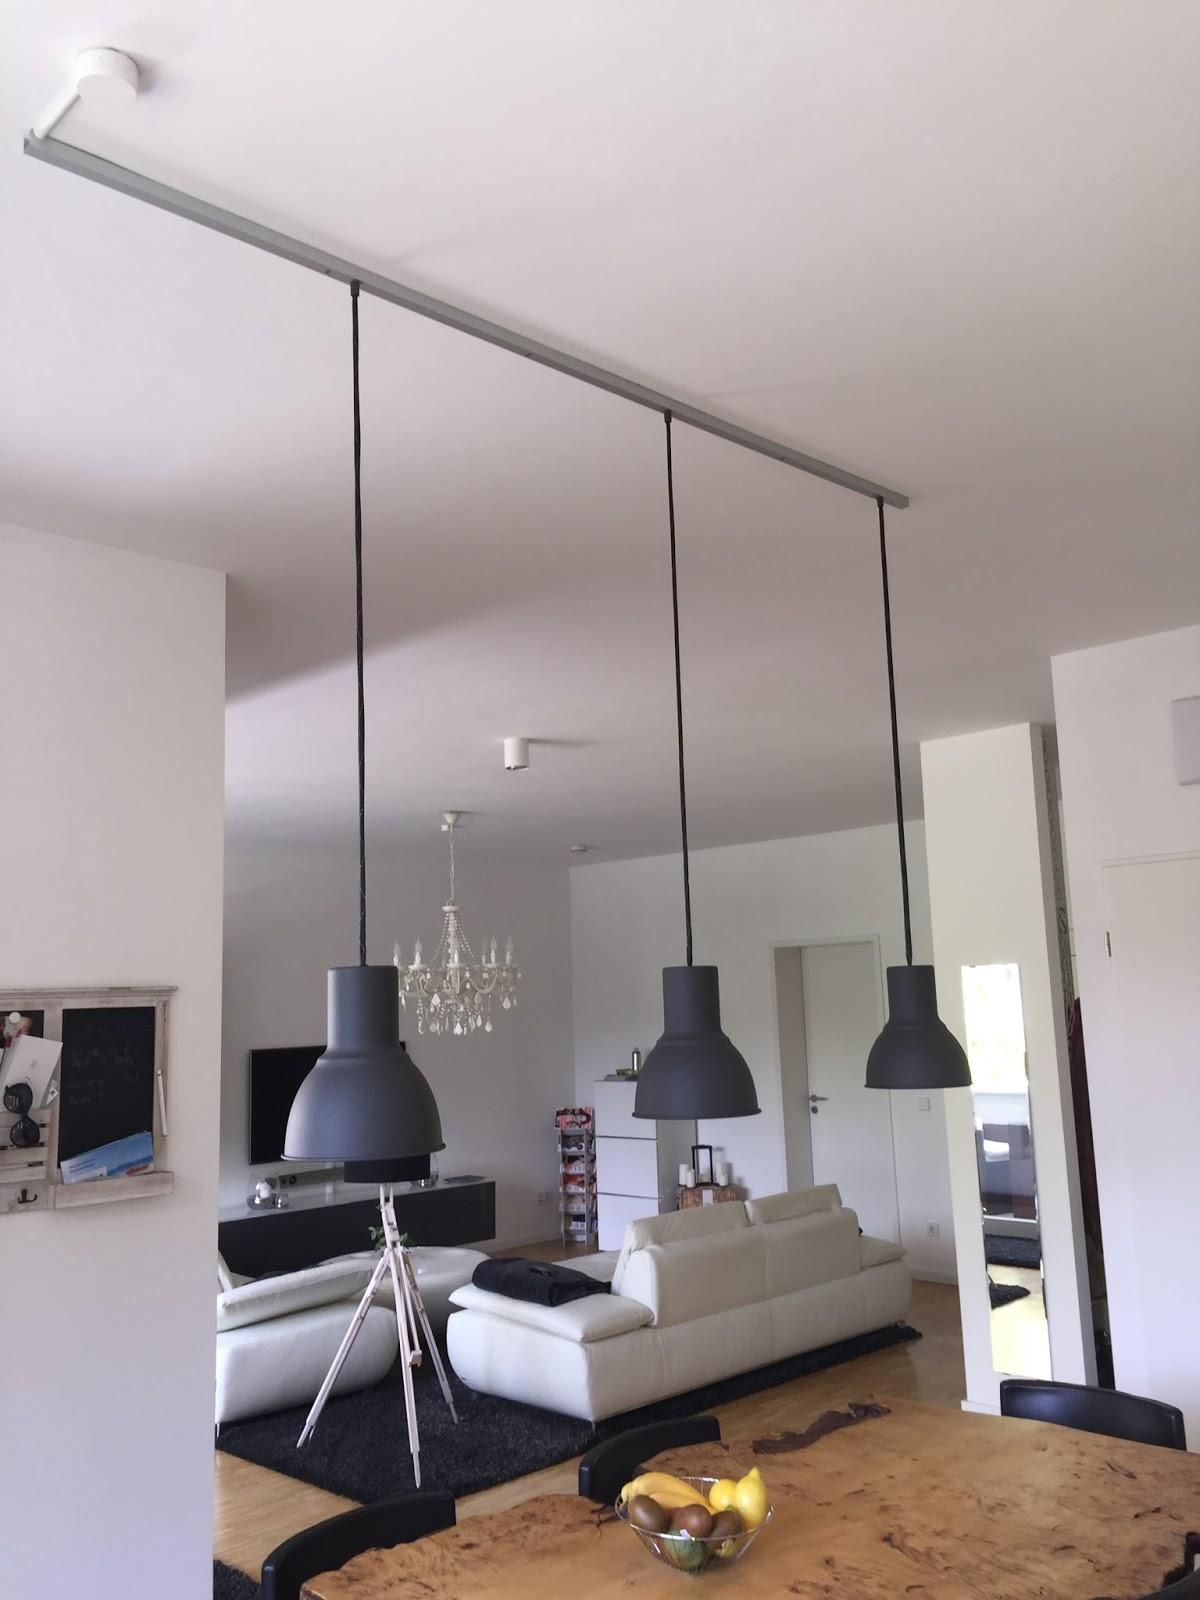 Full Size of Ikea Stehlampen Stehlampe Hektar Lampen Leuchten Gnstig Online Modulküche Küche Kosten Betten Bei Sofa Mit Schlaffunktion Wohnzimmer 160x200 Kaufen Wohnzimmer Ikea Stehlampen